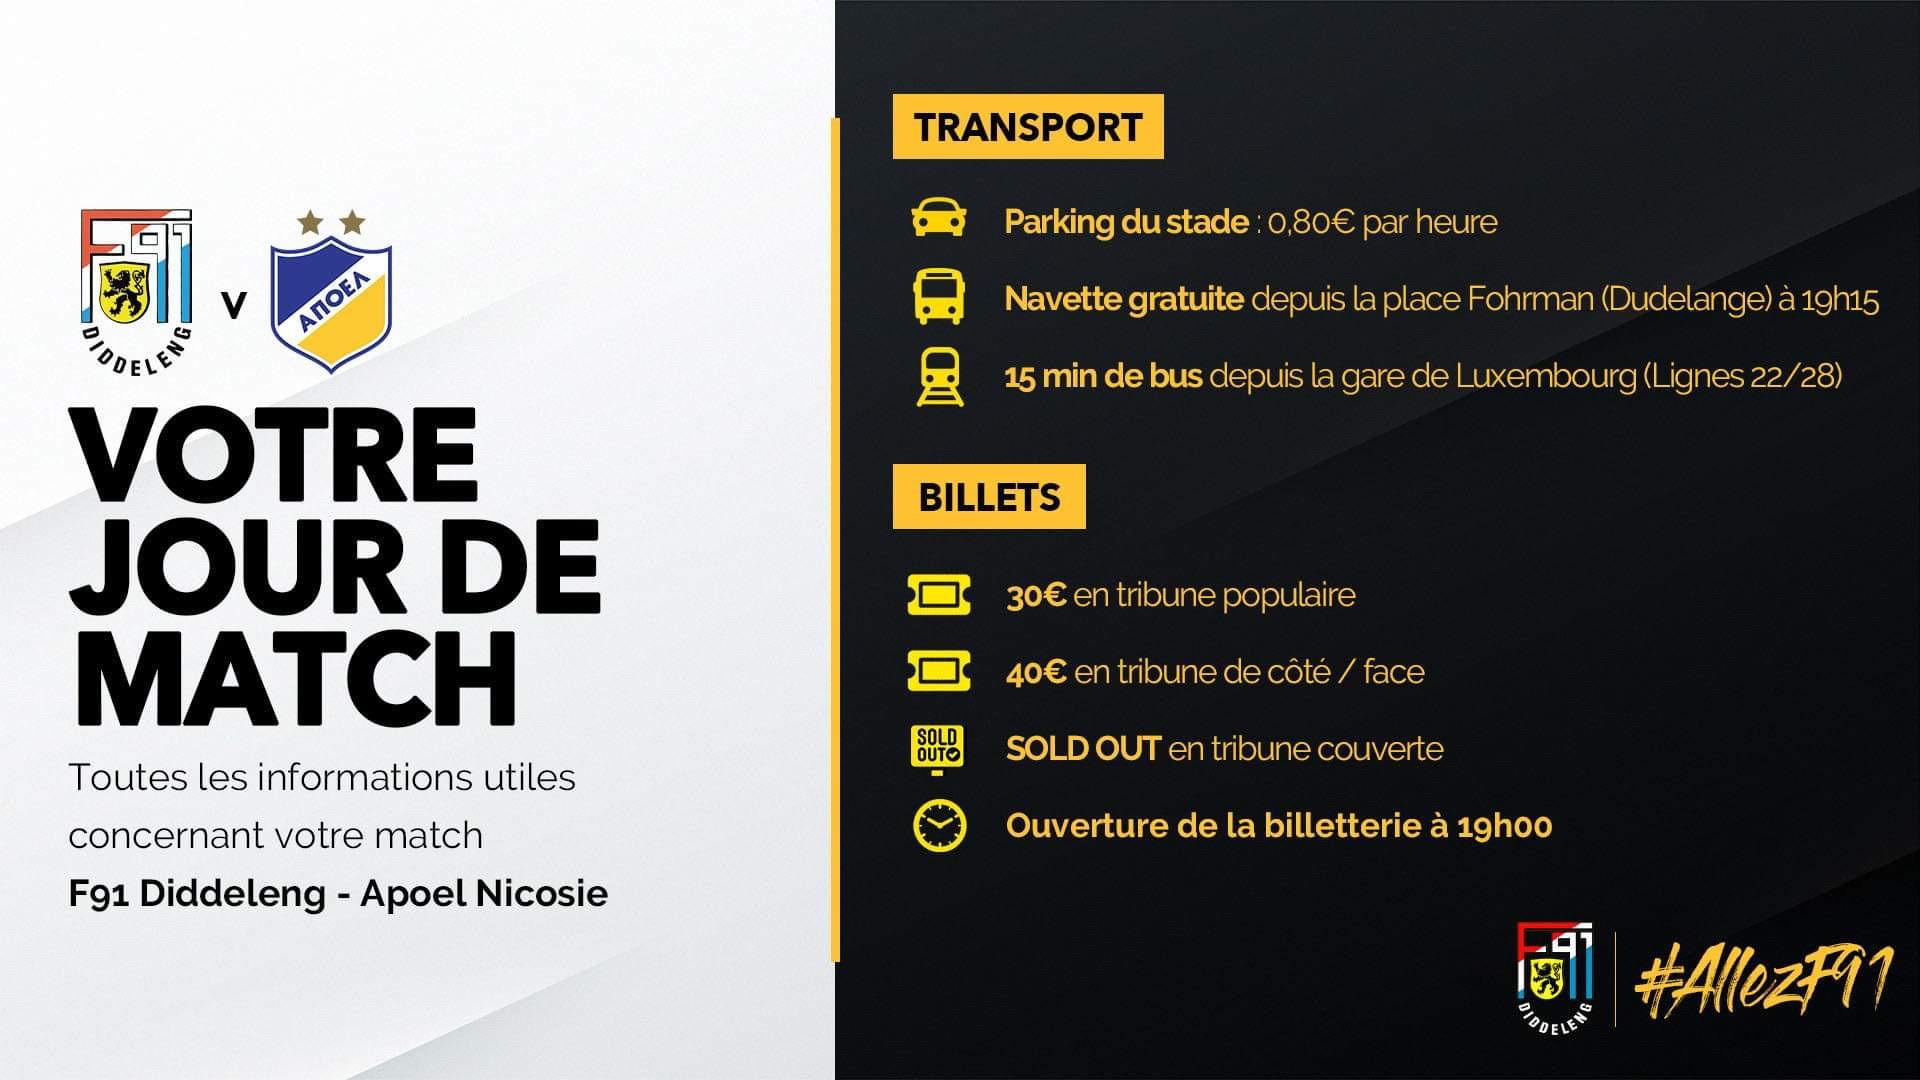 INFOS POUR LE MATCH F91 DIDDELENG - APOEL NIKOSIA